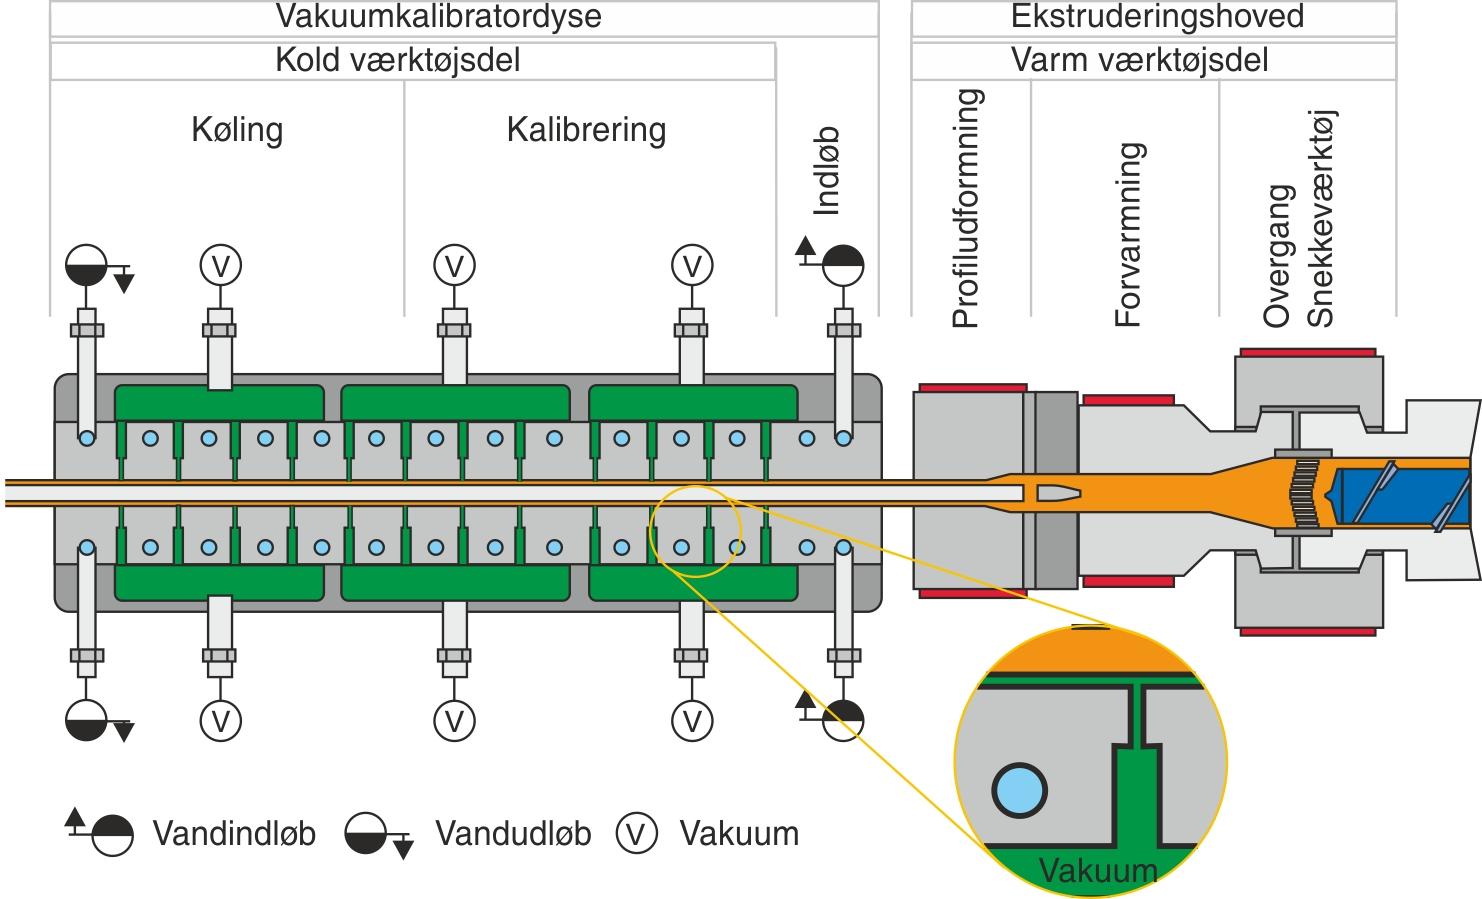 Principiel opbygning af profilværktøj og kalibrator med vakuum og køling